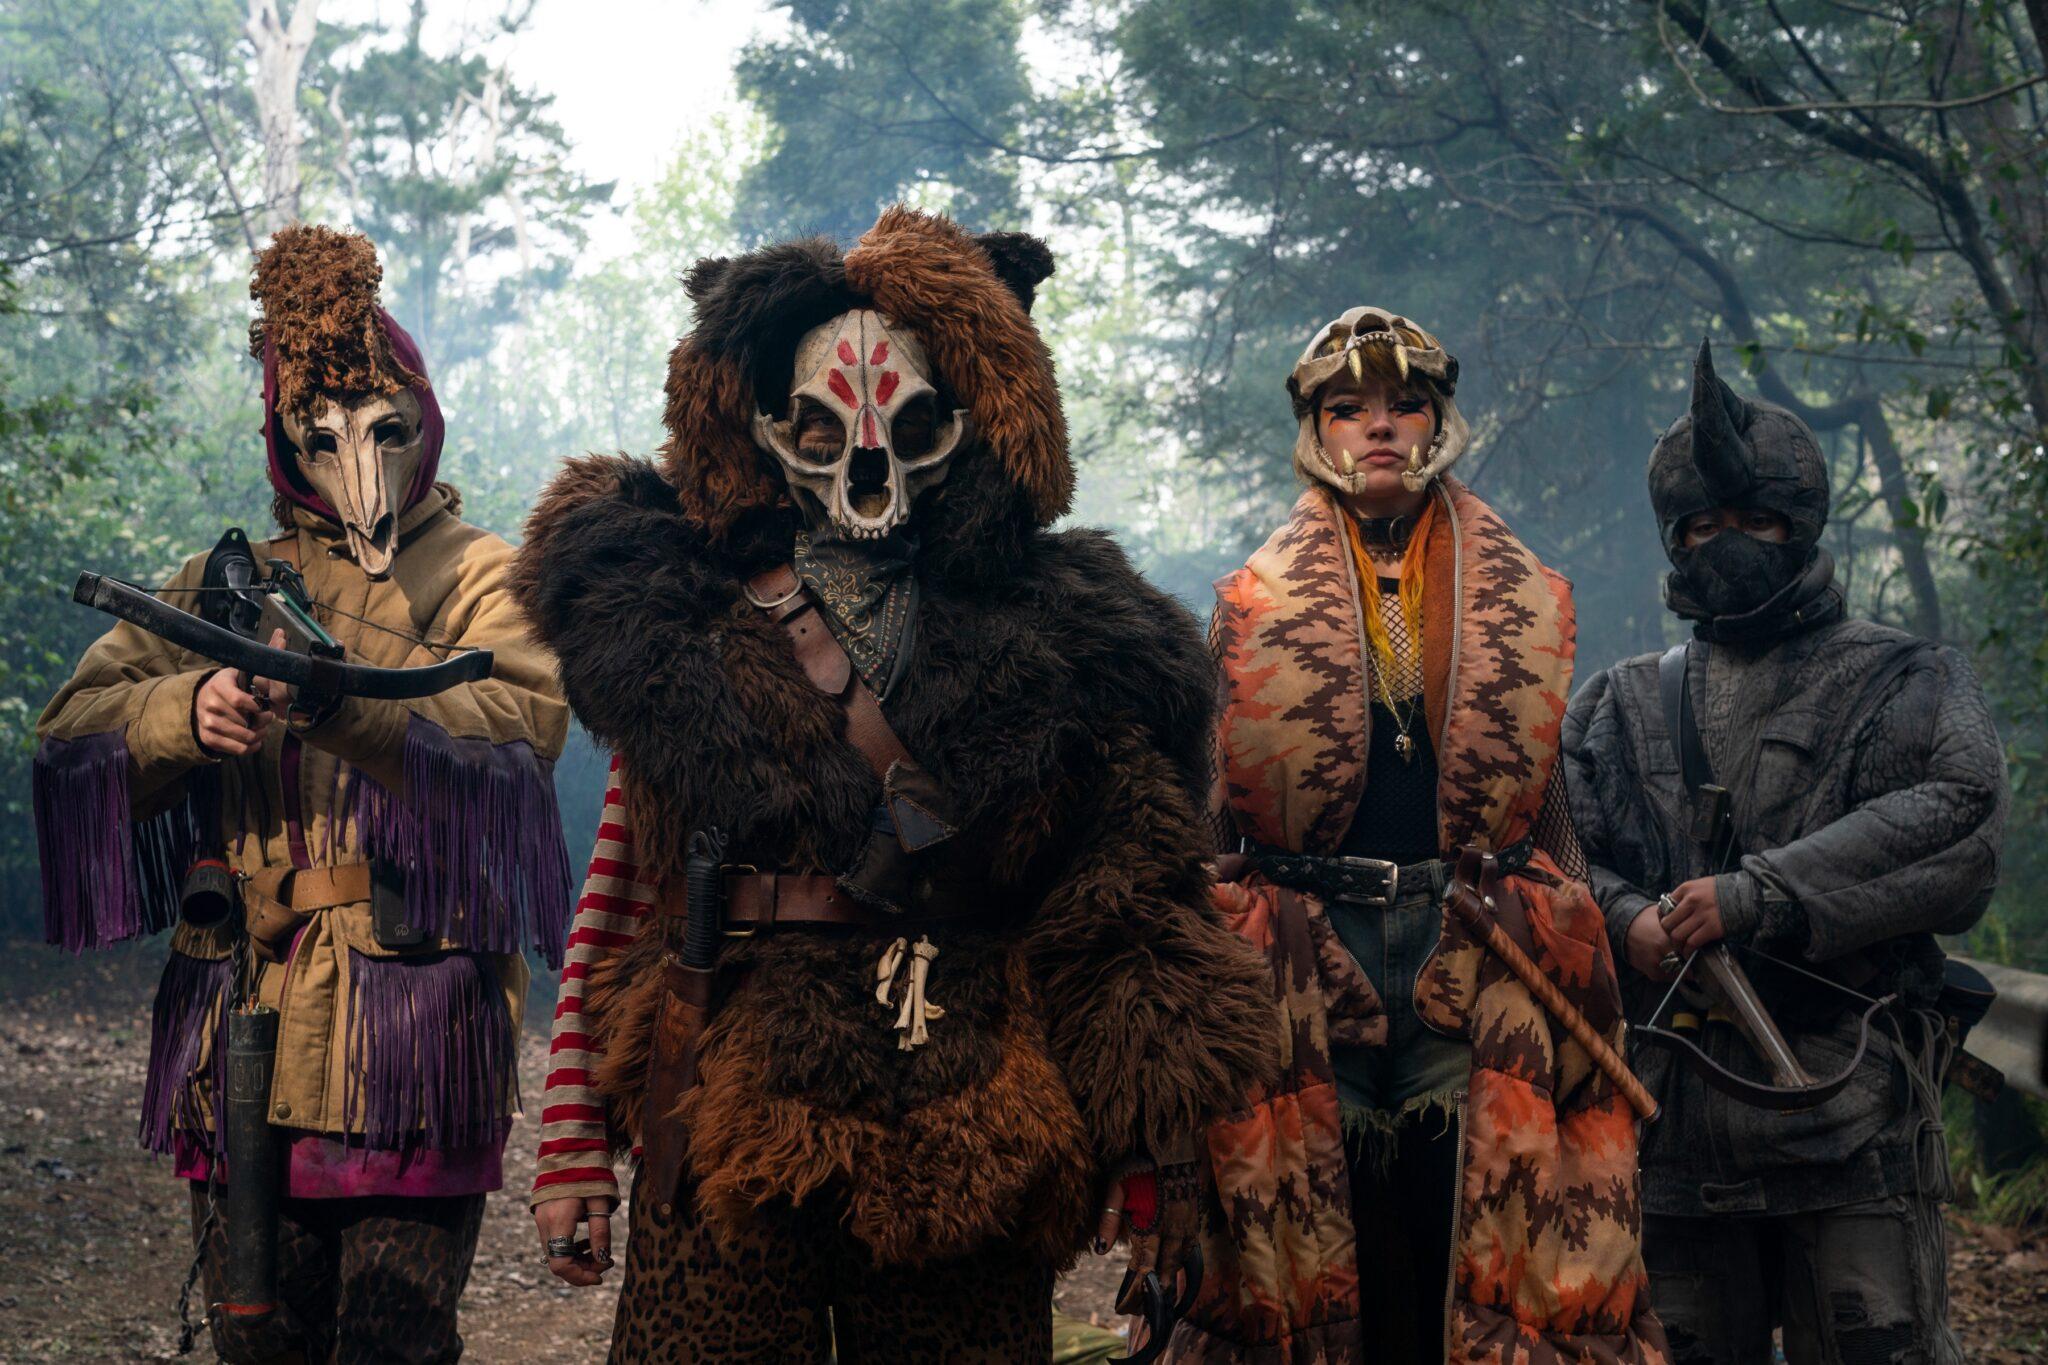 Vier Mitglieder der Armee der Tiere mit aufwändigen Kostümen im Wald. Sie tragen jeweils Tierschädel als Marken und sind bewaffnet mit Armbüsten und Messern.